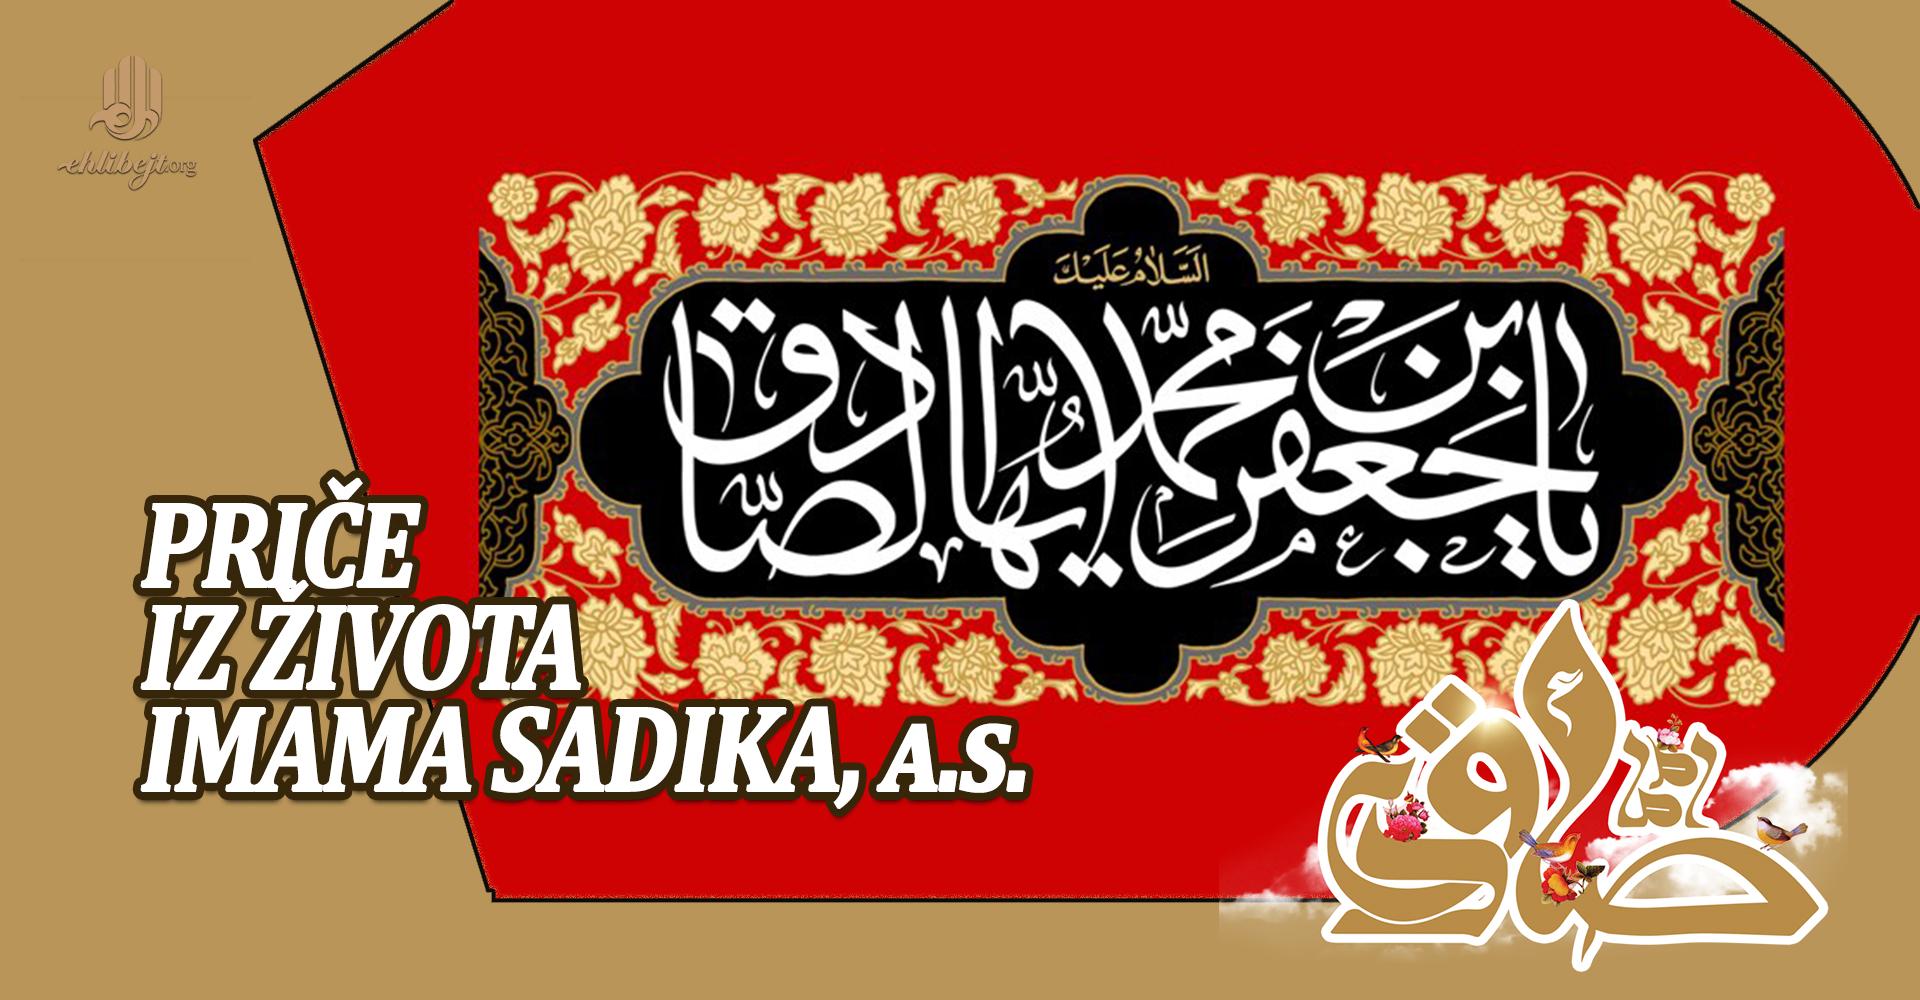 Priče iz života Imama Sadika, a.s.